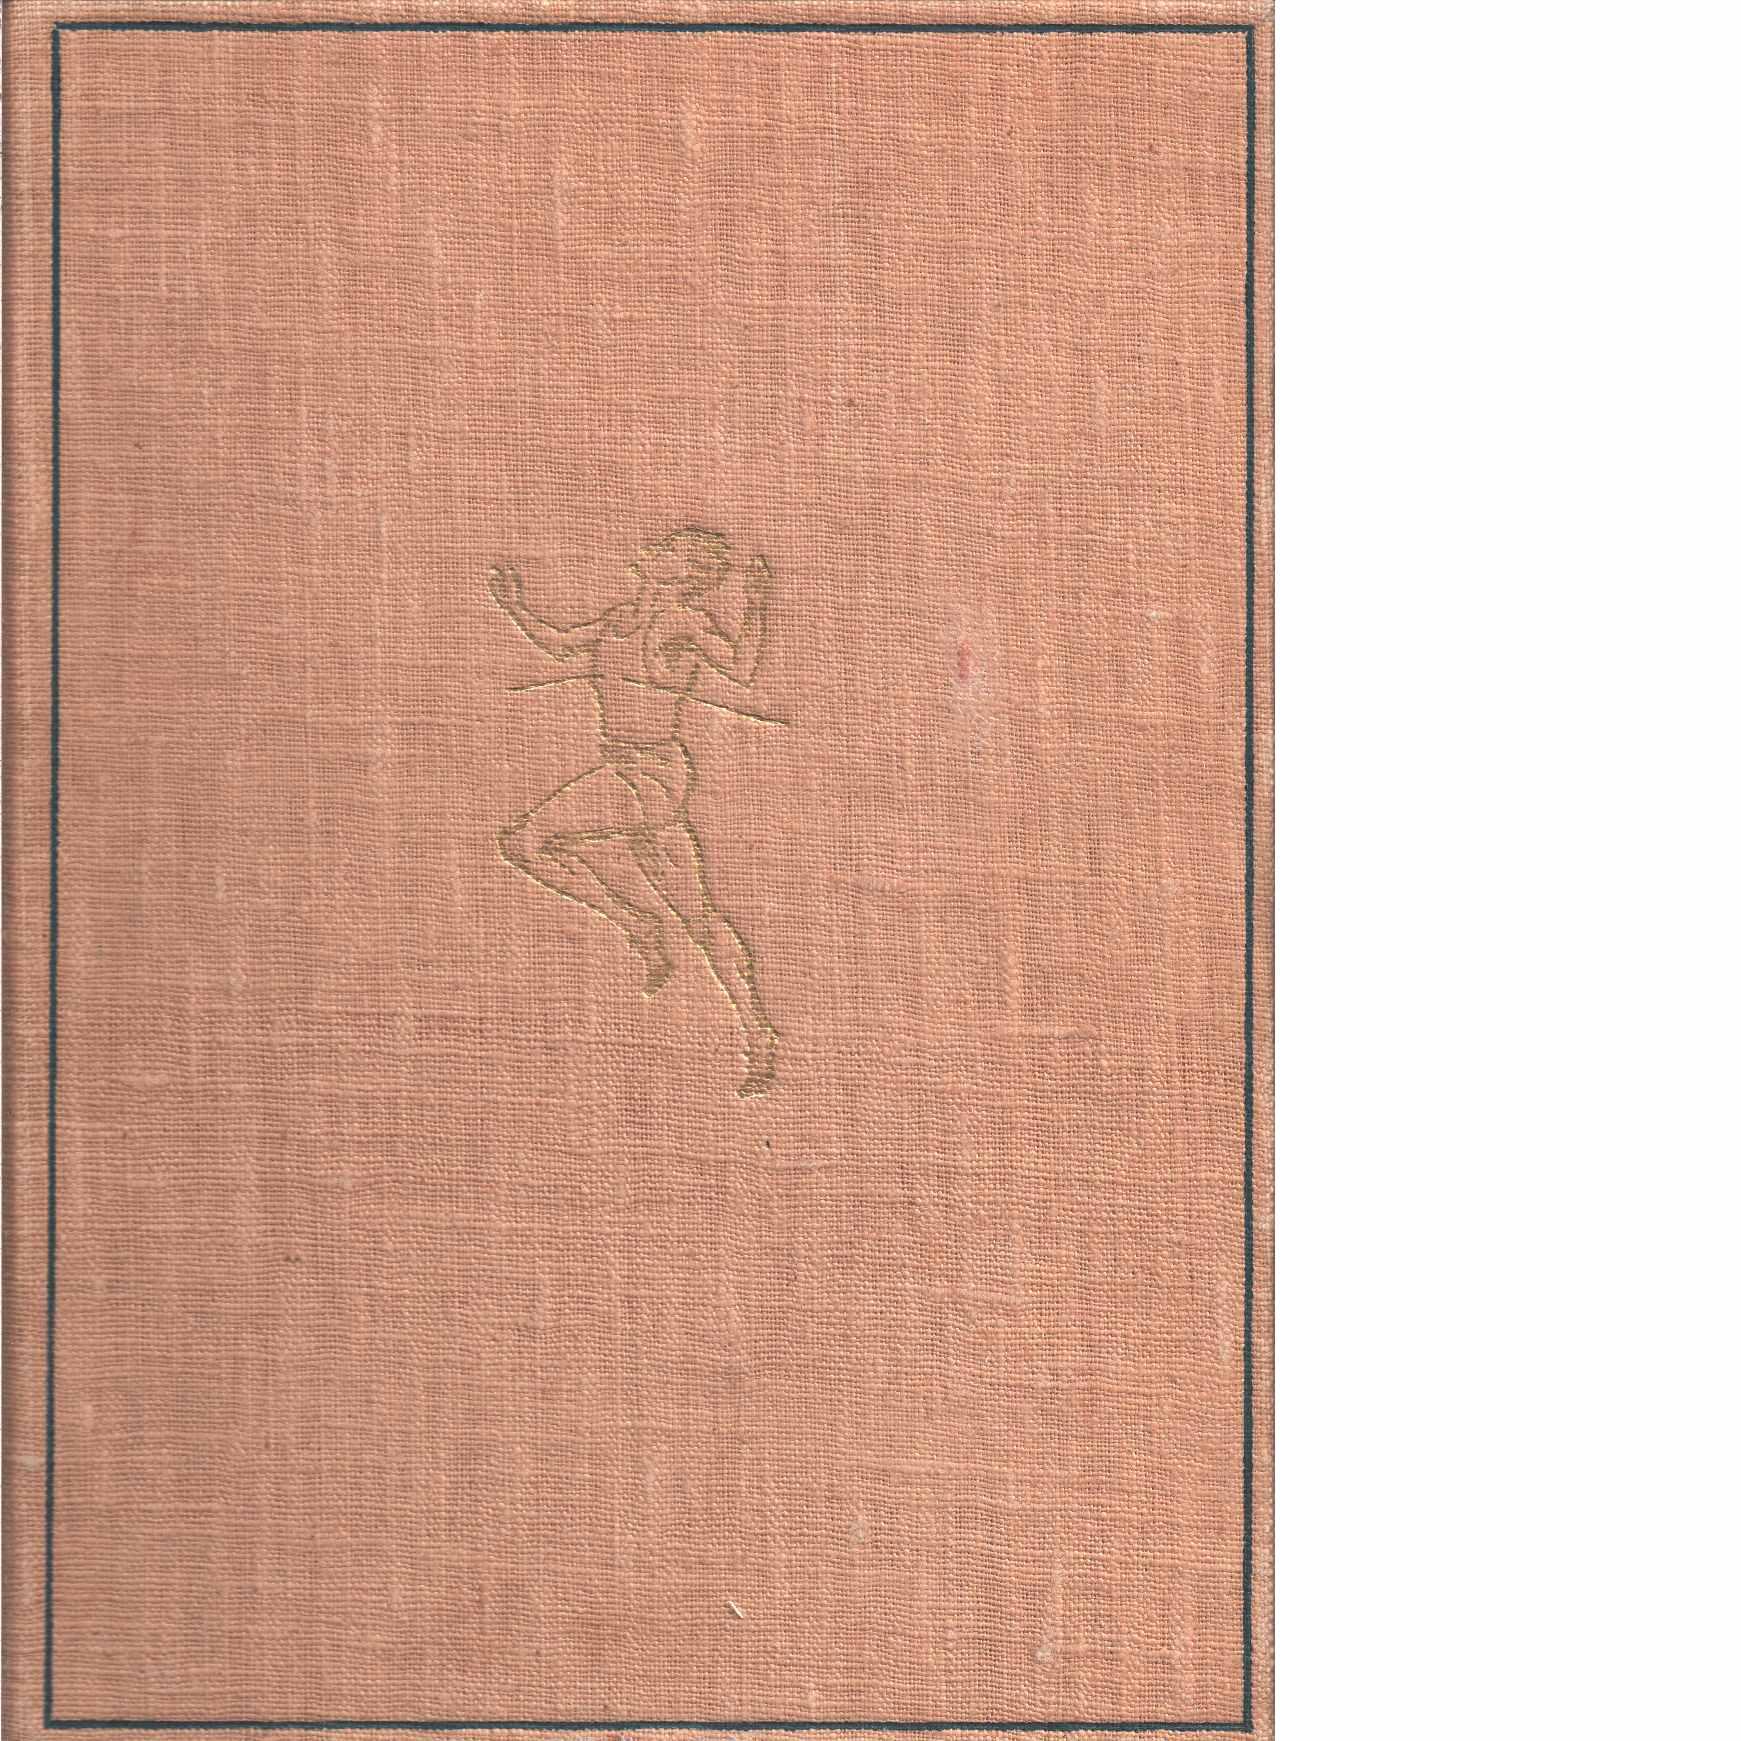 Mot världsrekorden : en bokfilm över svensk fri idrott 1906-1945 - Red. Lindhagen, Sven